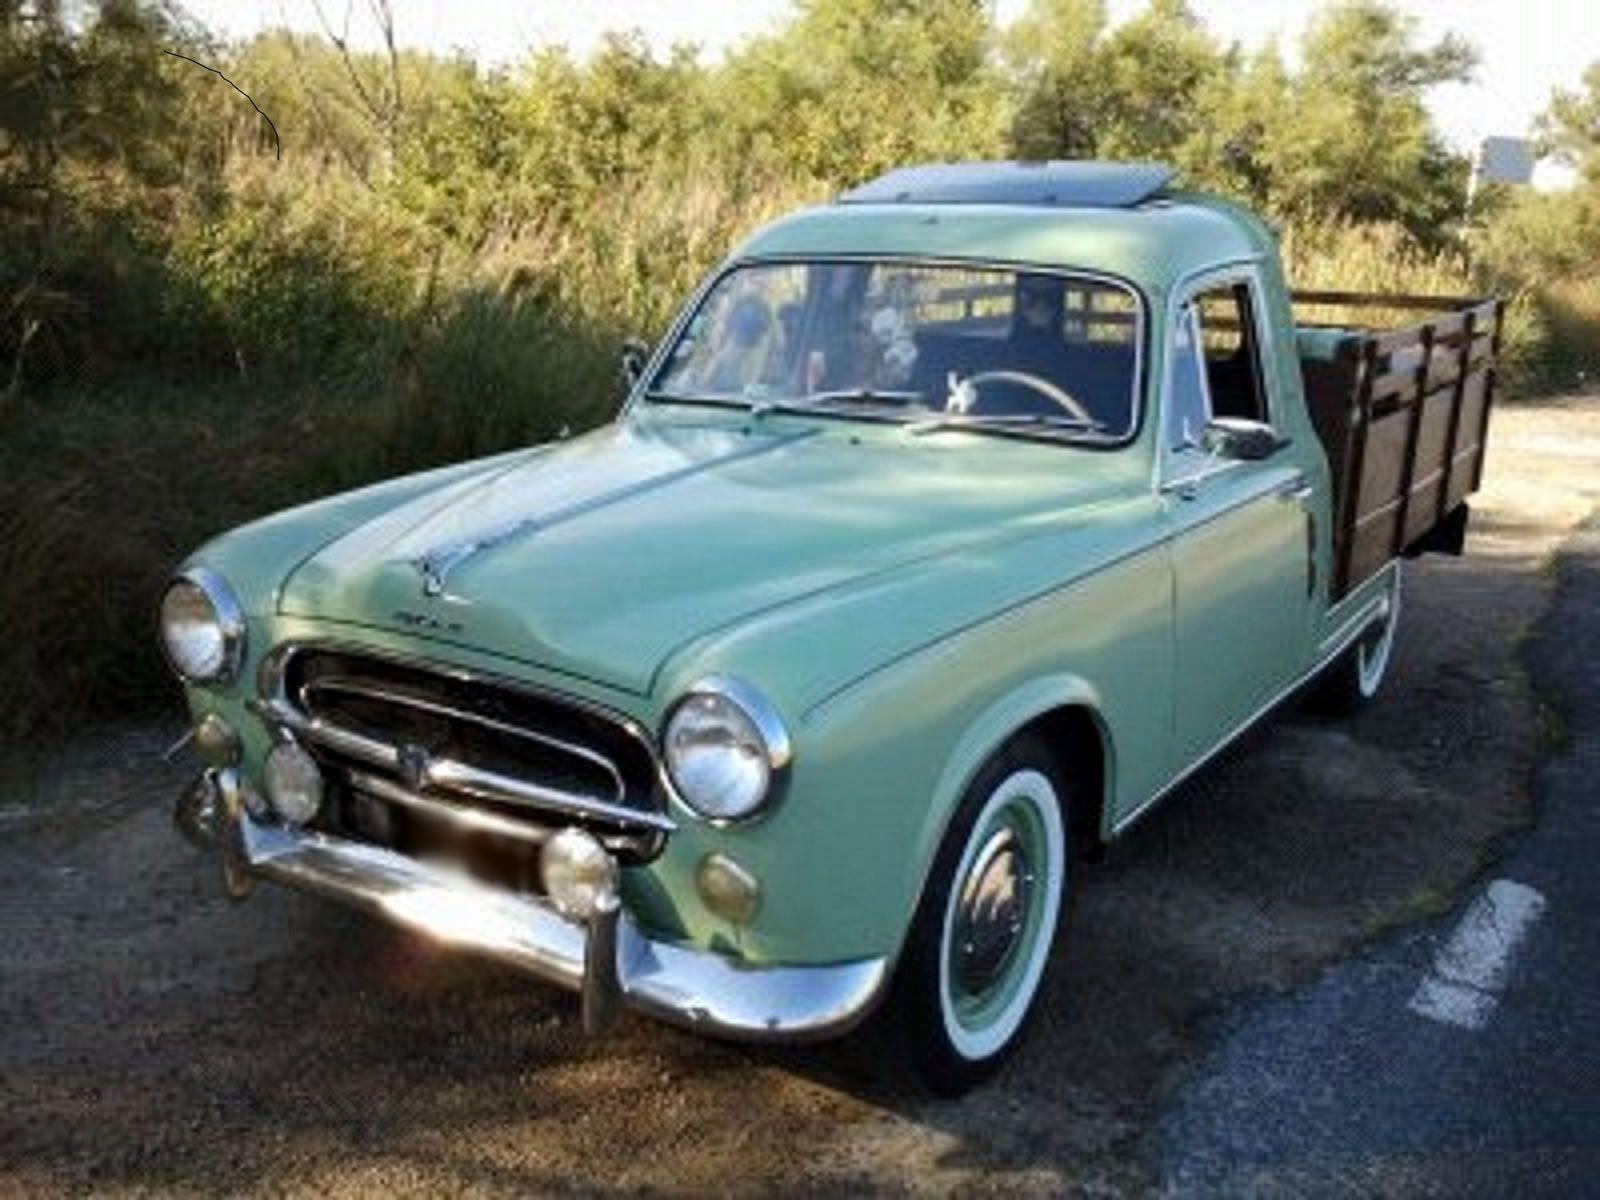 louer une peugeot 403 pick up de 1962 photo 1 pick up peugeot pinterest peugeot cars. Black Bedroom Furniture Sets. Home Design Ideas